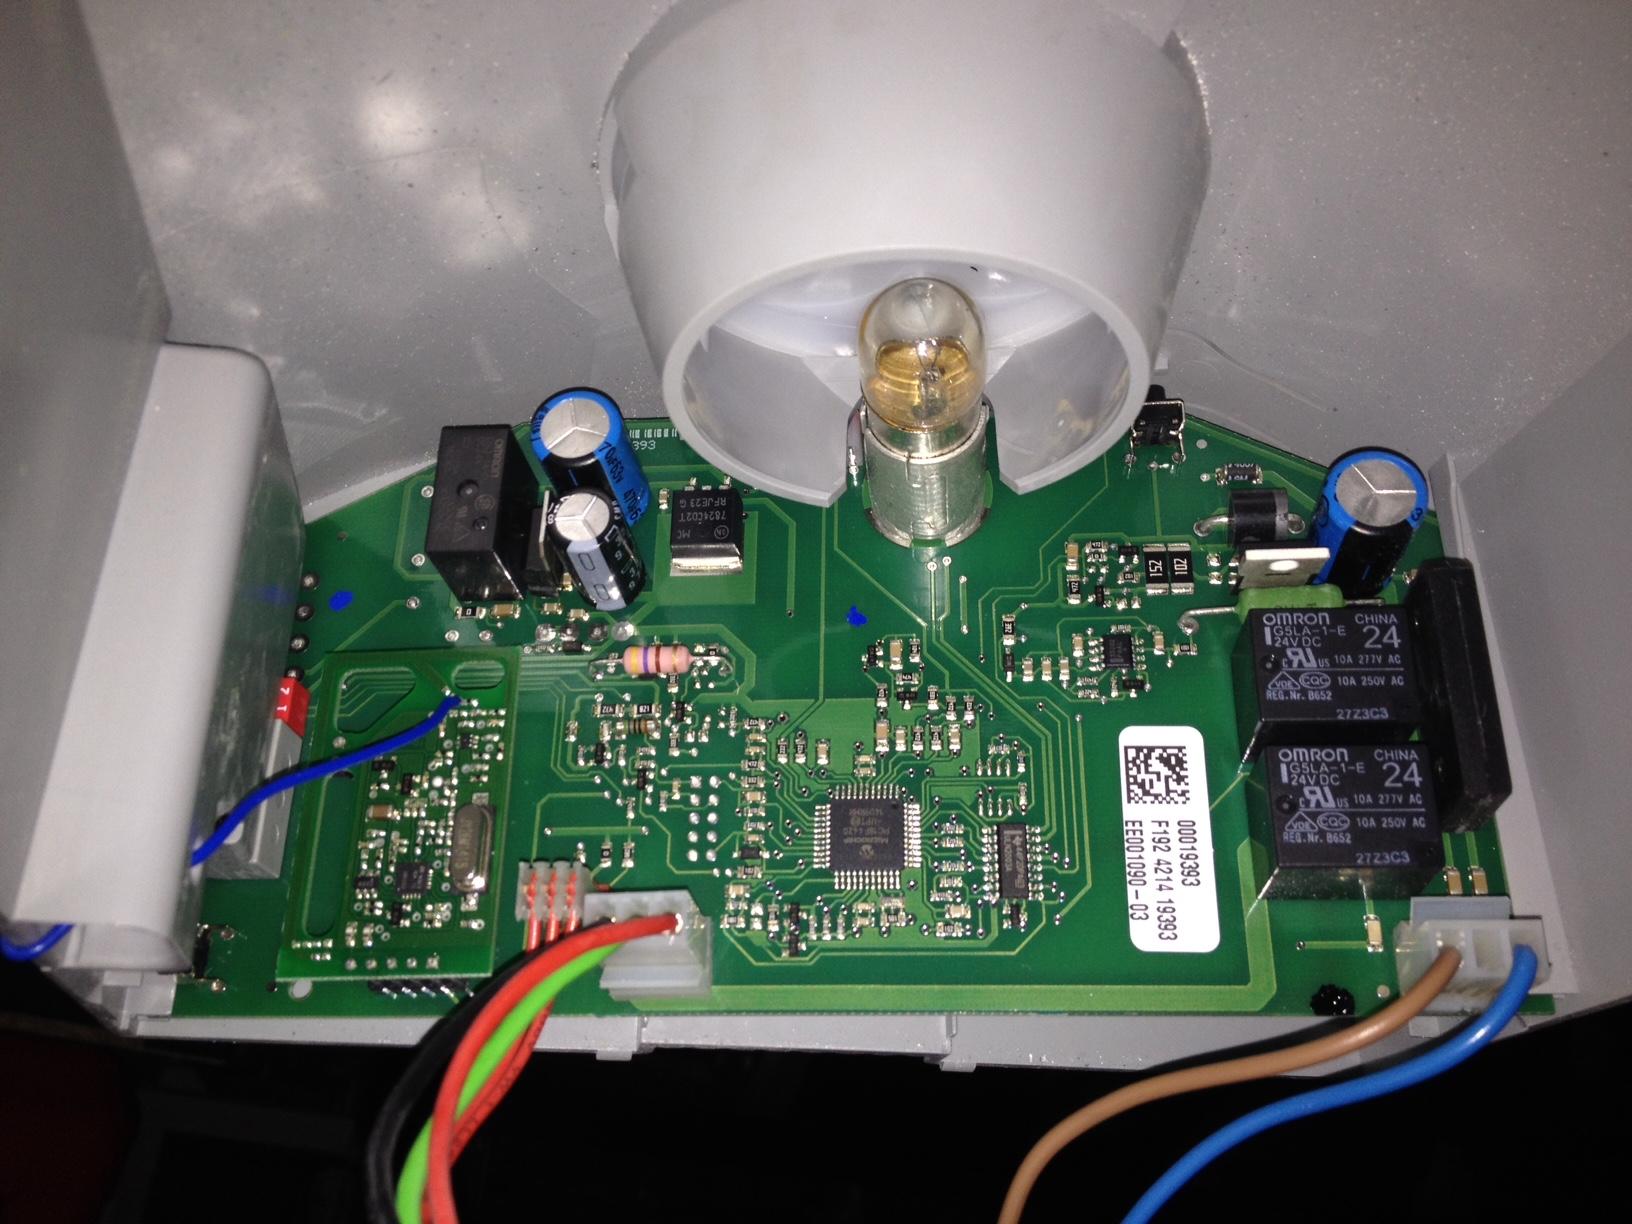 Connexion bft clonix 2e sur moteur porte garage 7 messages for Moteur porte de garage sectionnelle bft